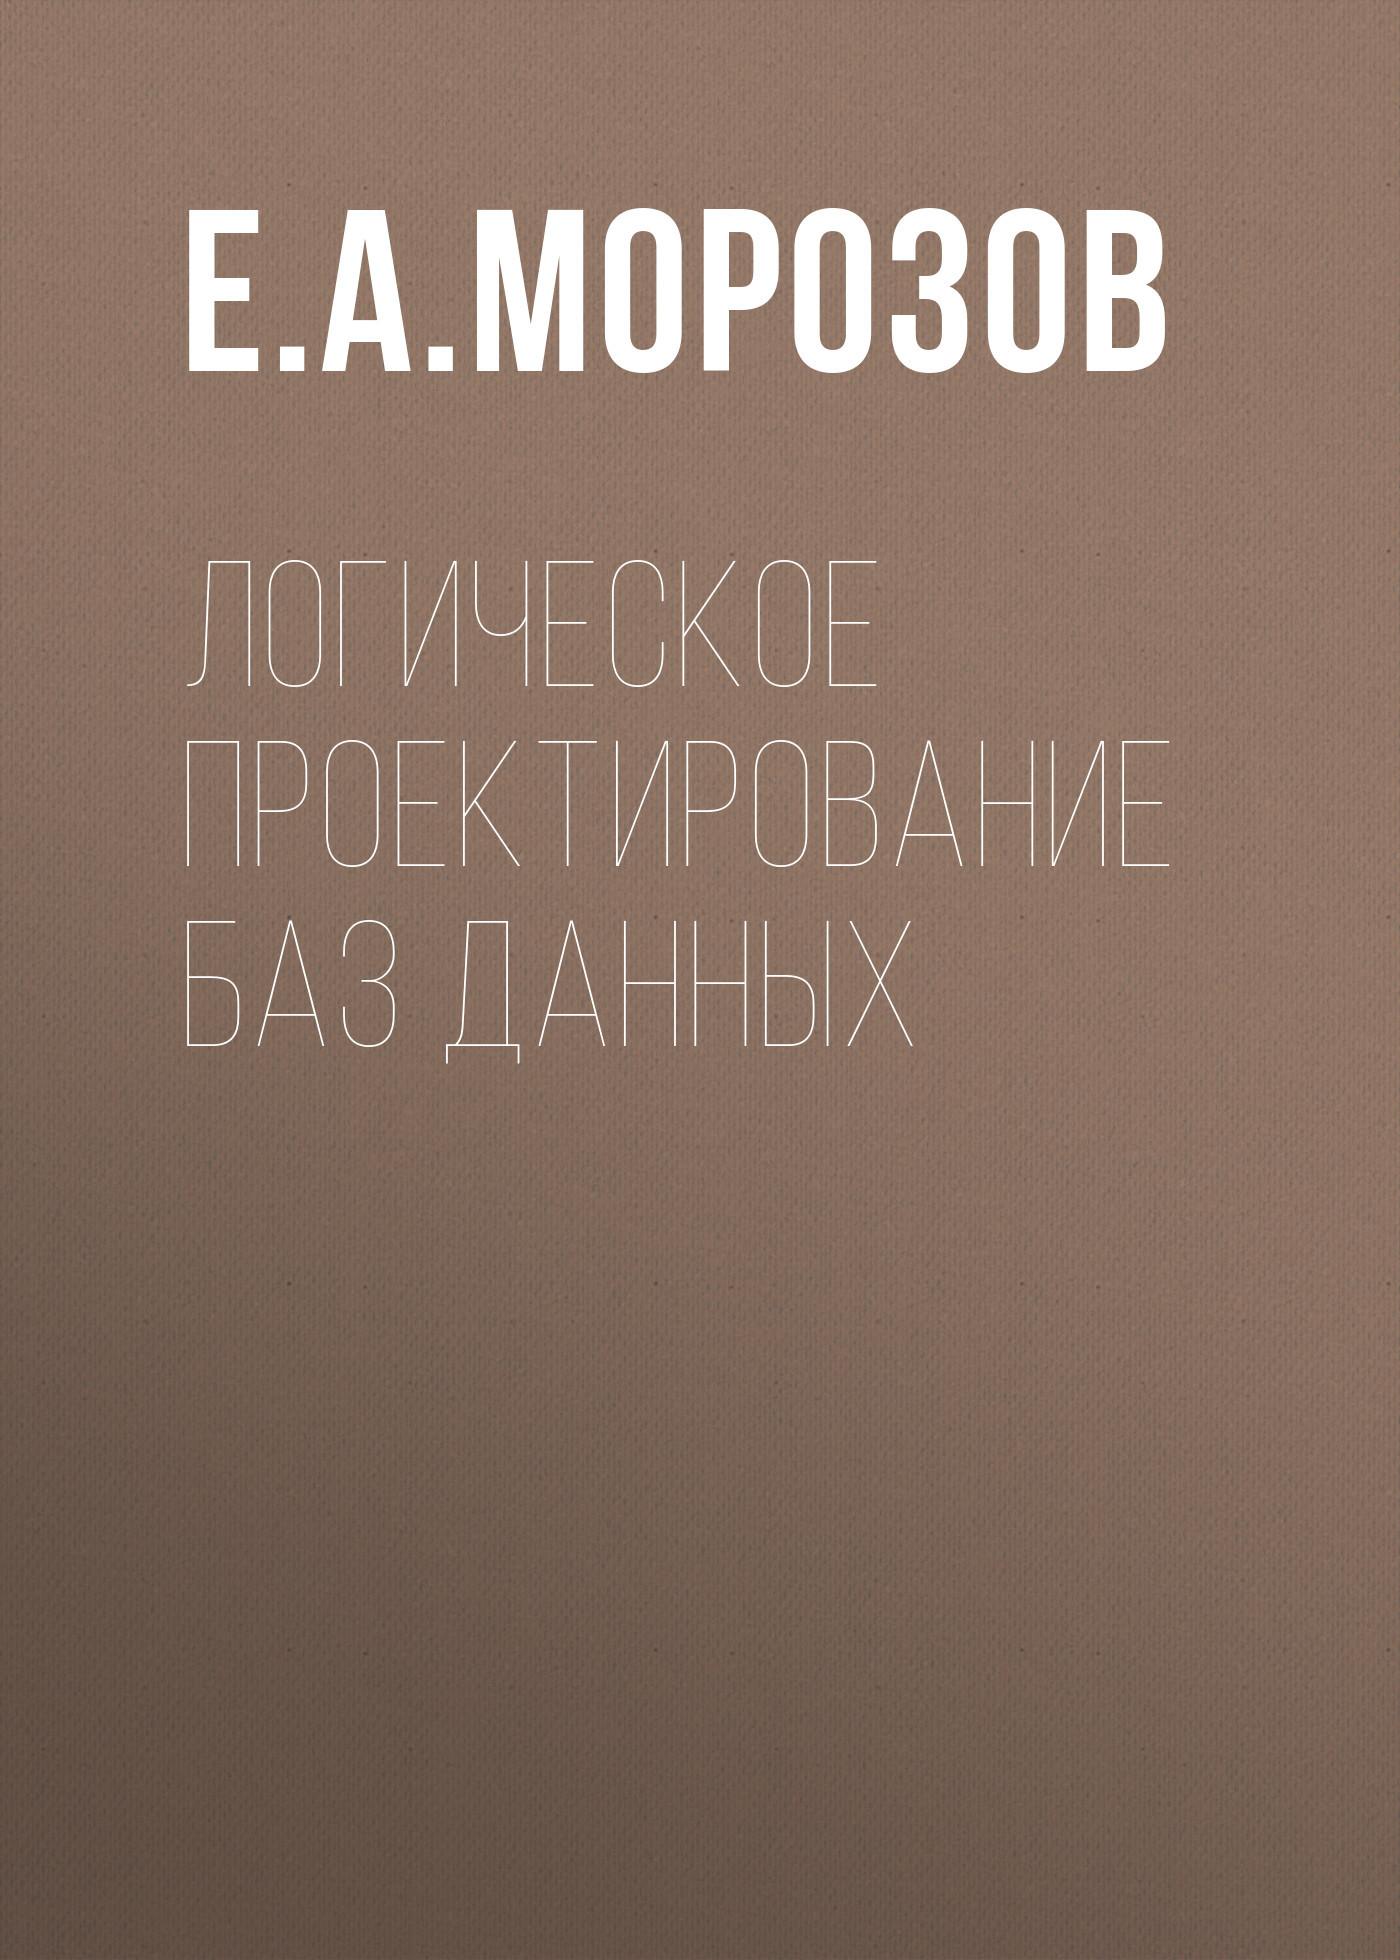 Е. А. Морозов Логическое проектирование баз данных гладкий а восстановление компьютерных данных